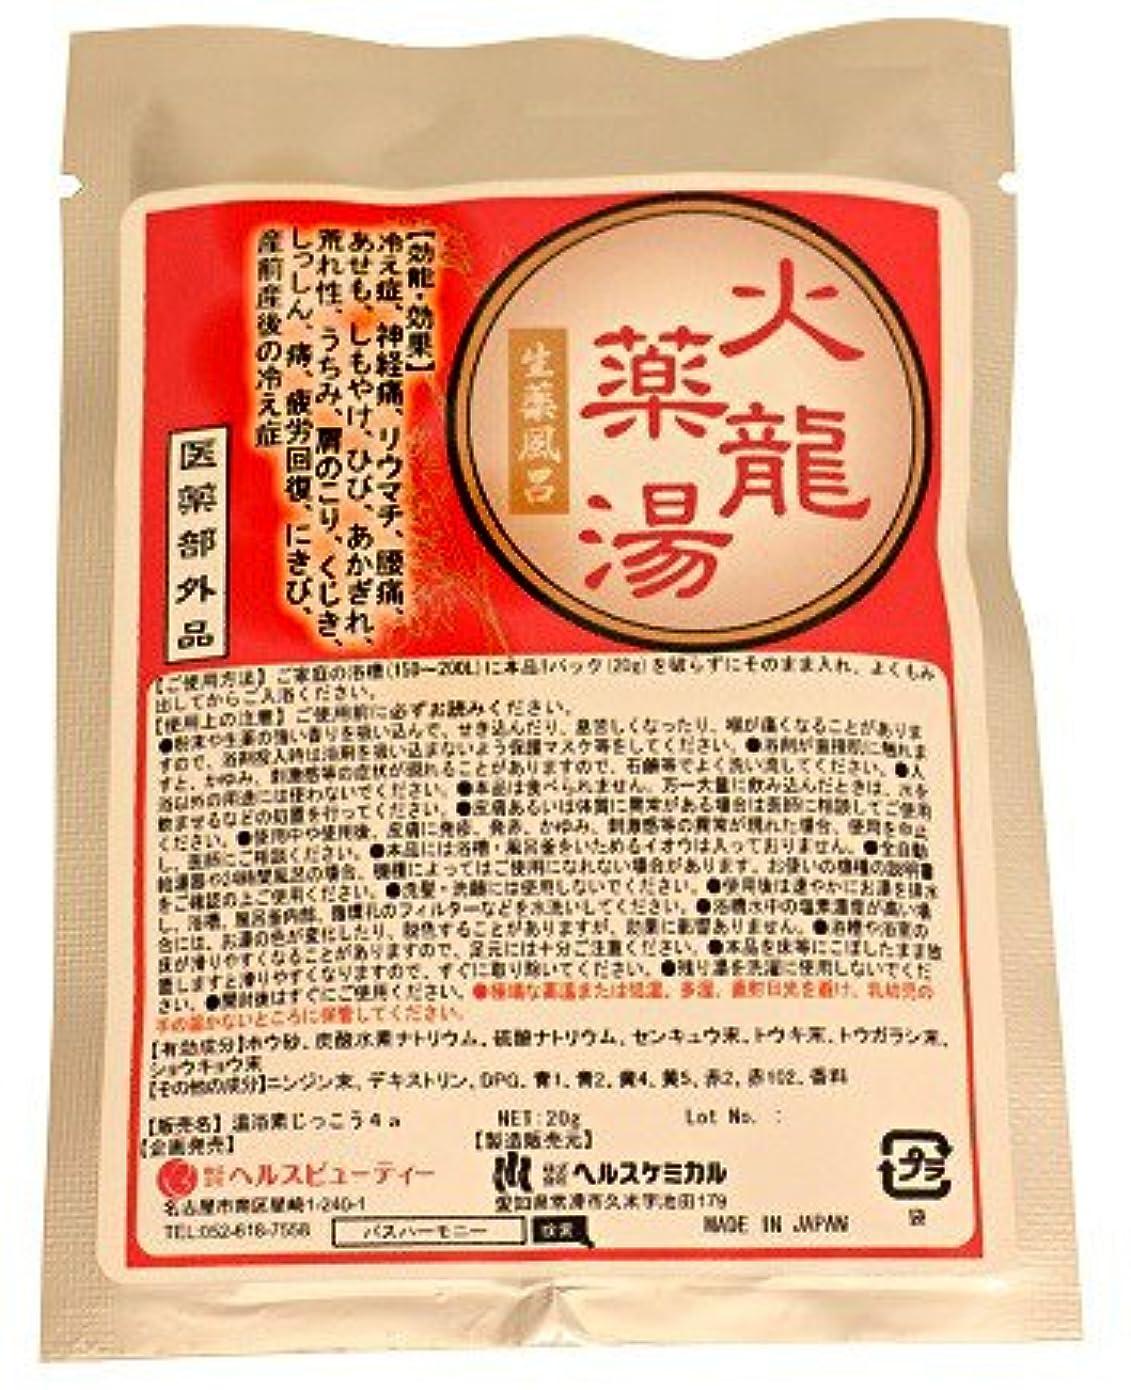 溶かす進む平野火龍 薬湯 分包 タイプ 1回分 生薬 薬湯 天然生薬 の 香り 医薬部外品